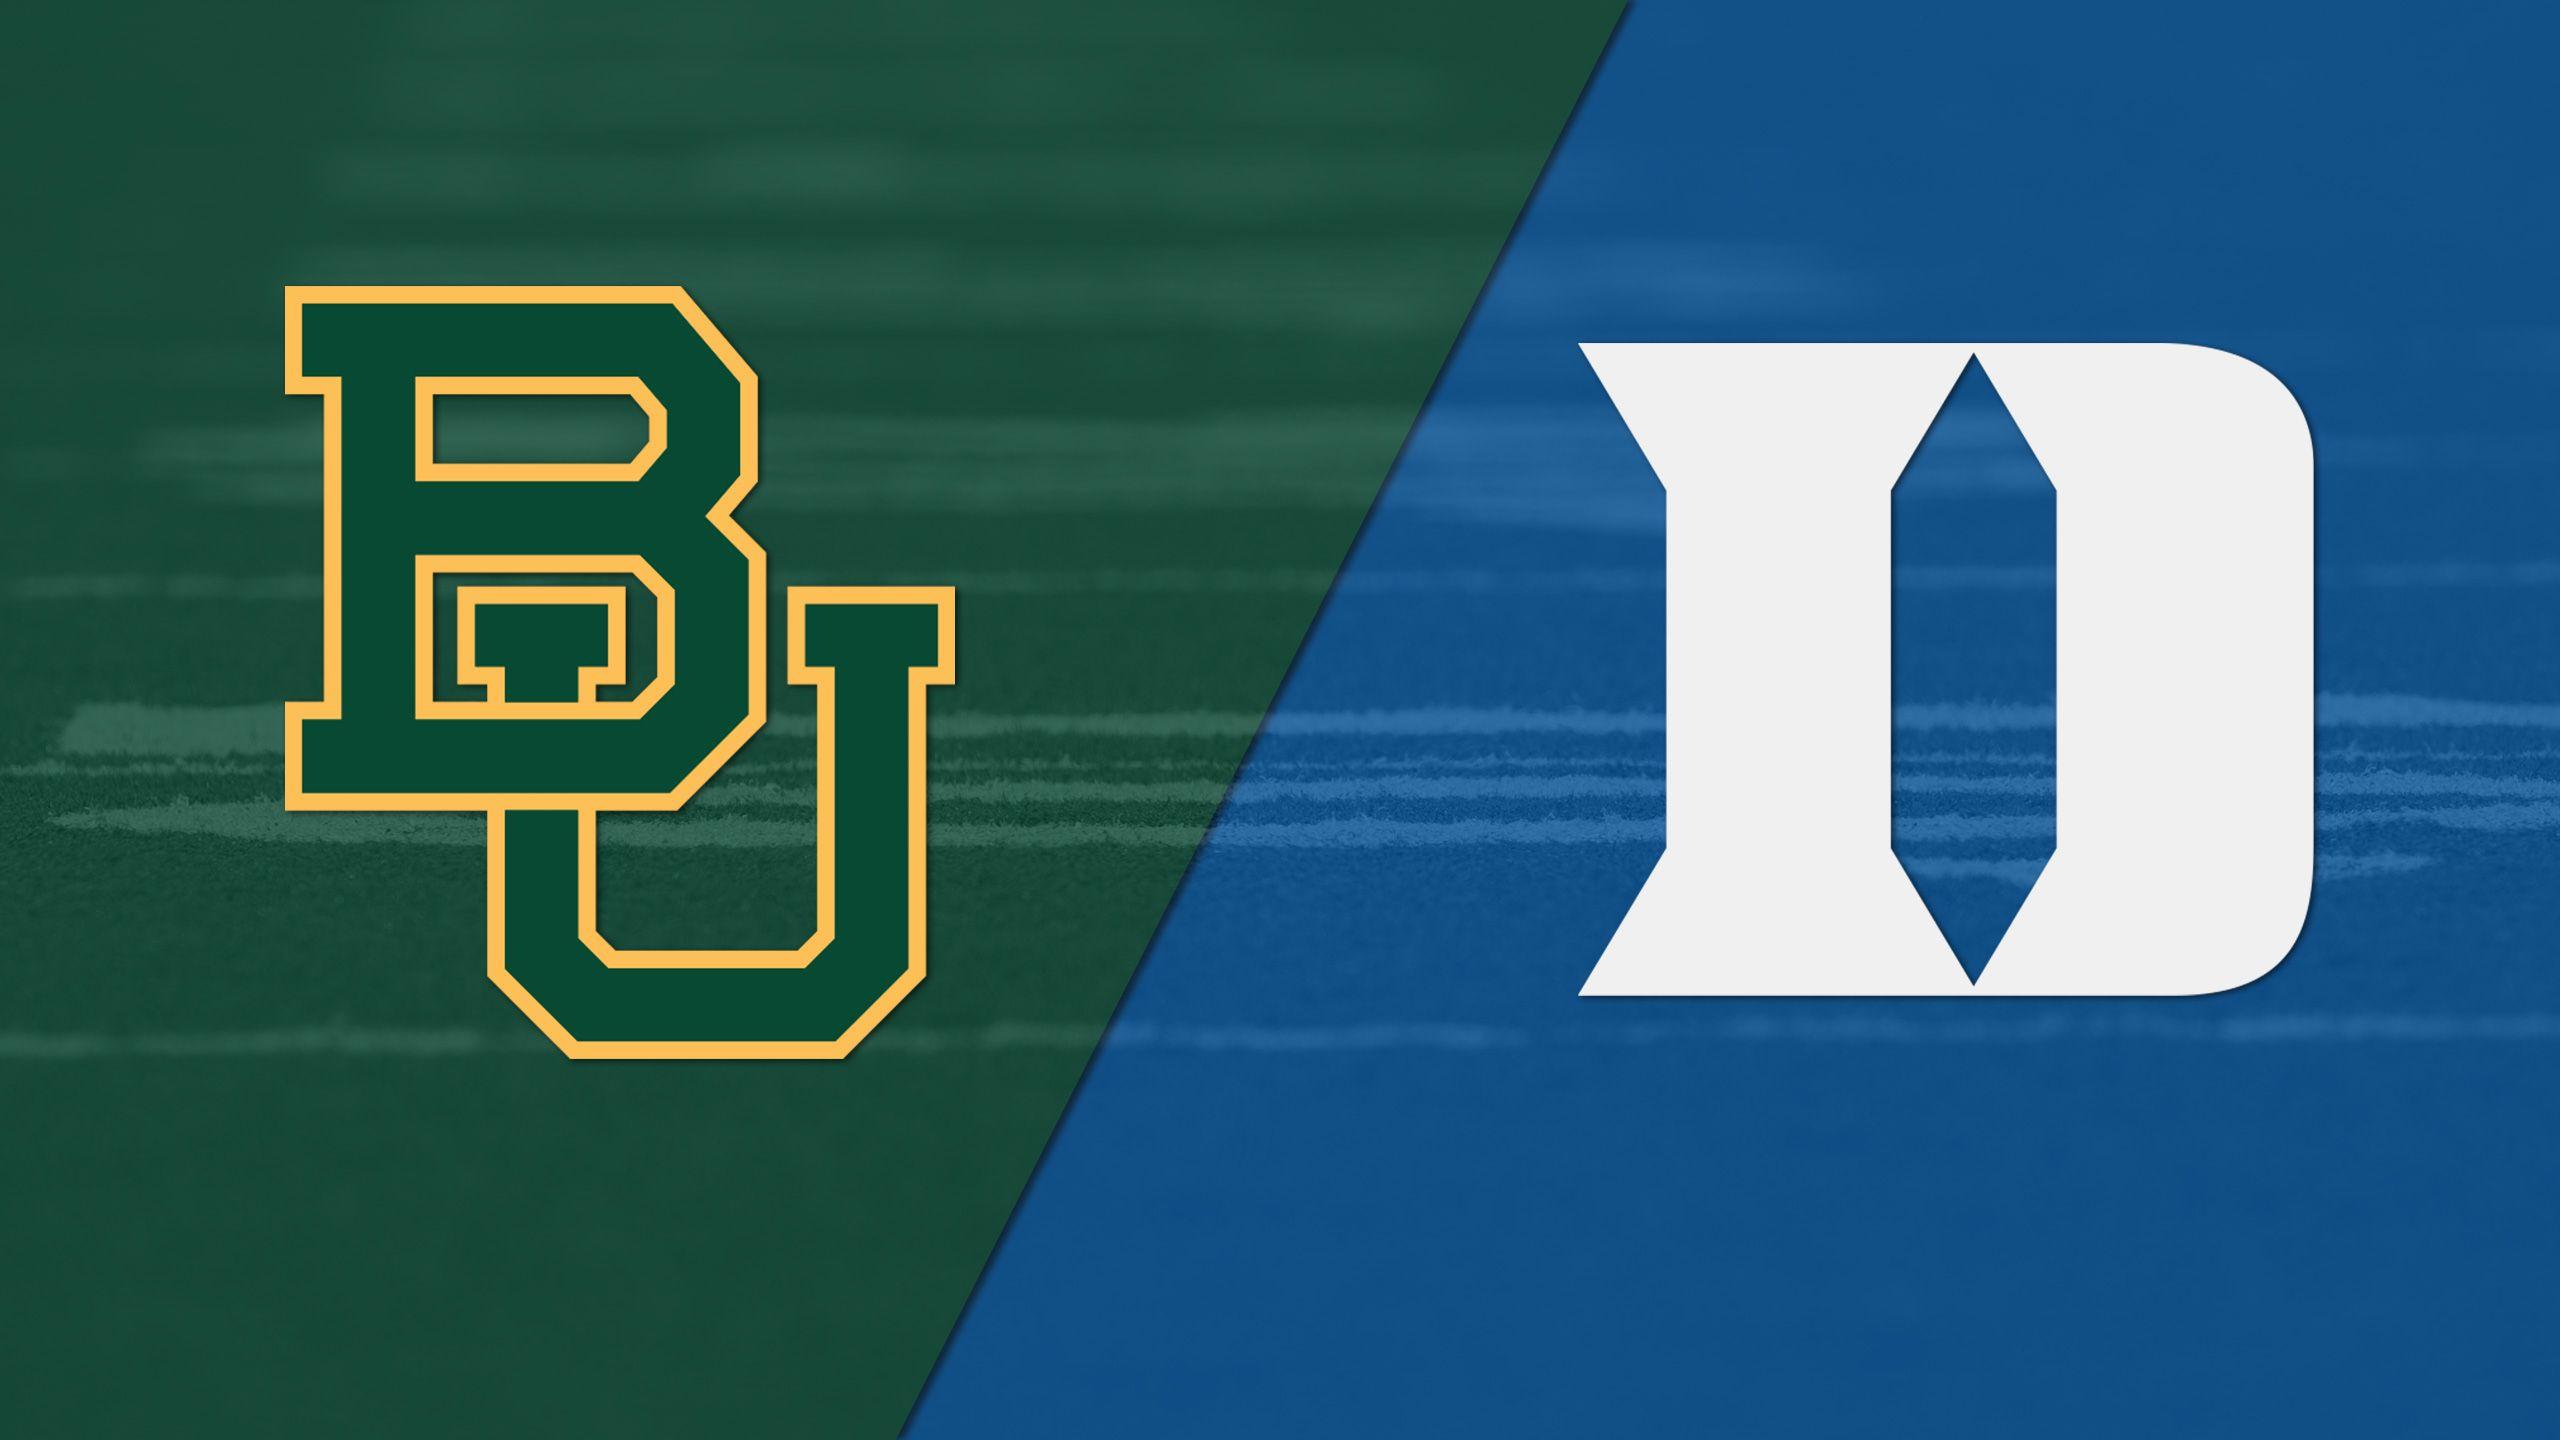 Baylor vs. Duke (Football)